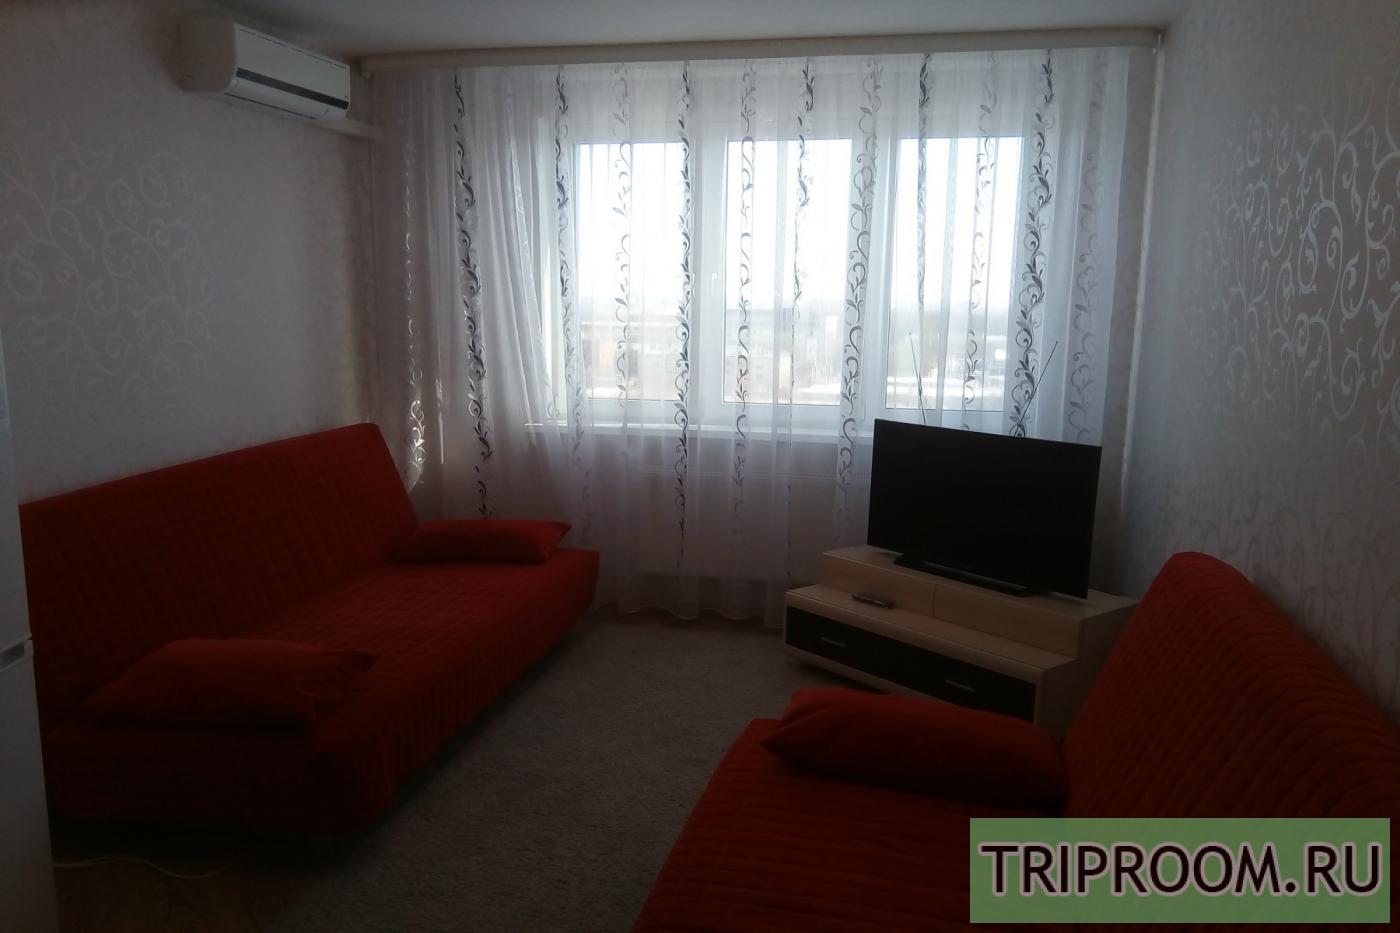 2-комнатная квартира посуточно (вариант № 33660), ул. Краснозвездная улица, фото № 11